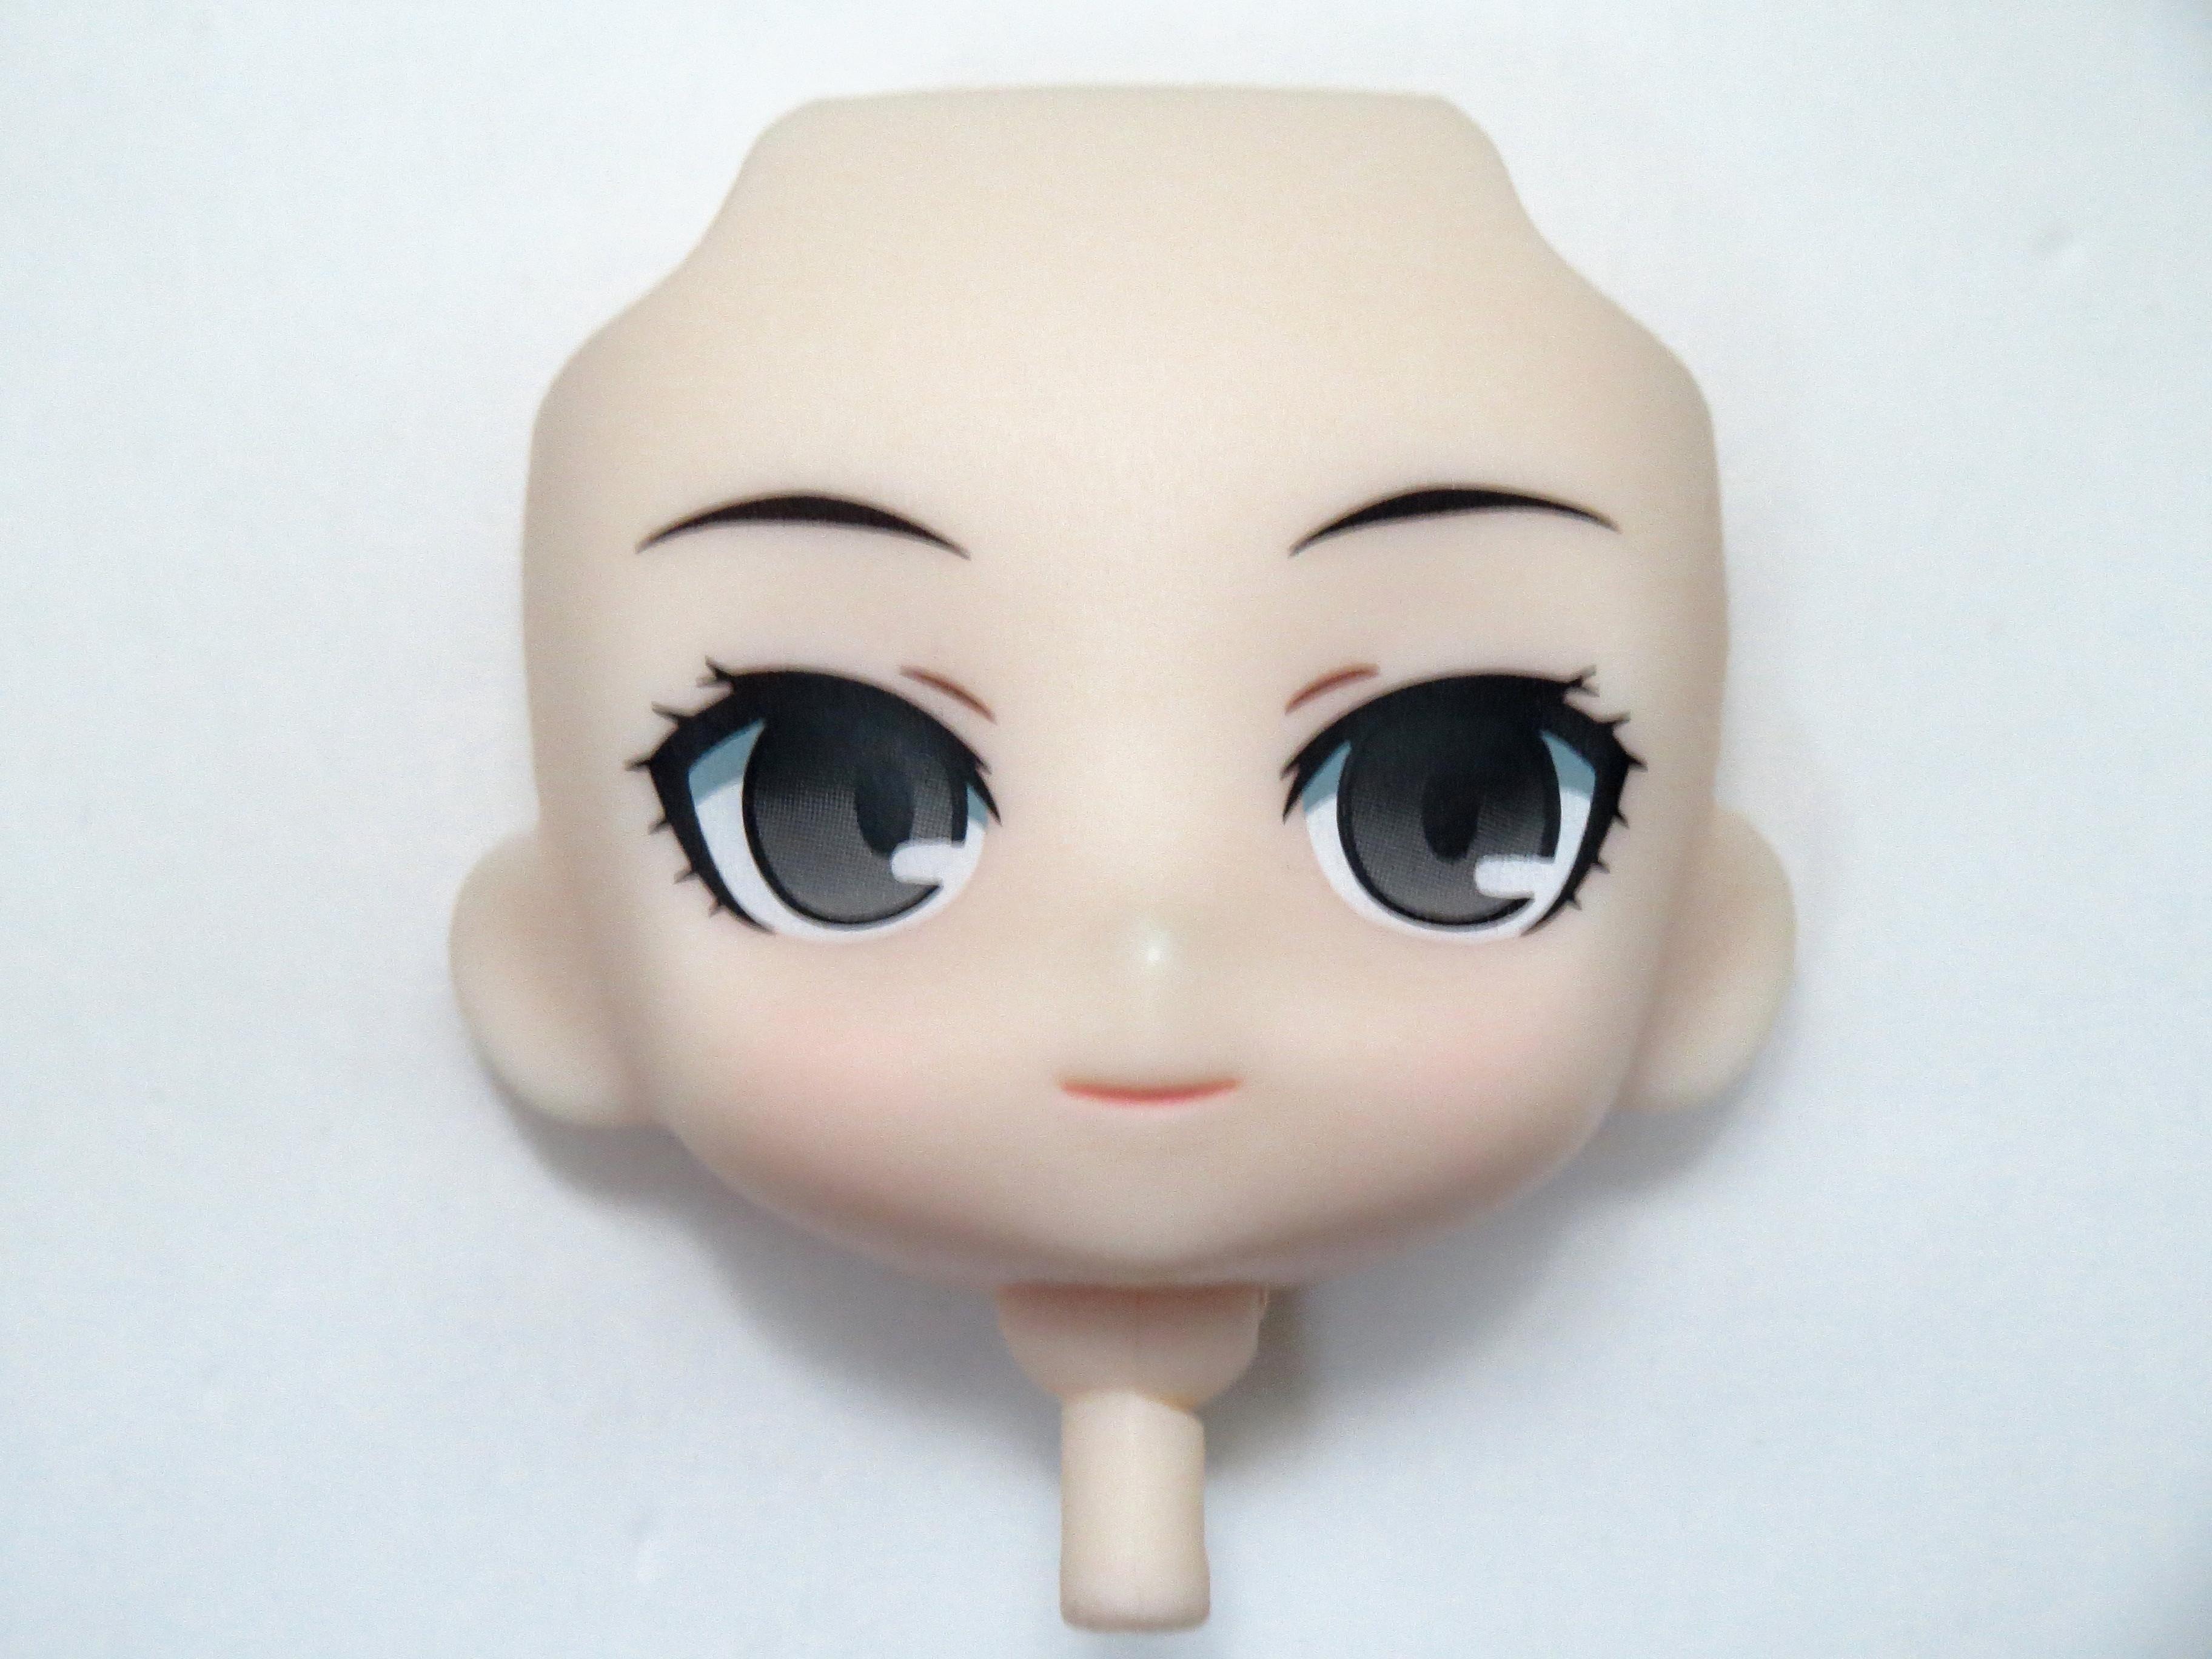 【SALE】【238】 天城雪子 顔パーツ ほほえみ顔 ねんどろいど